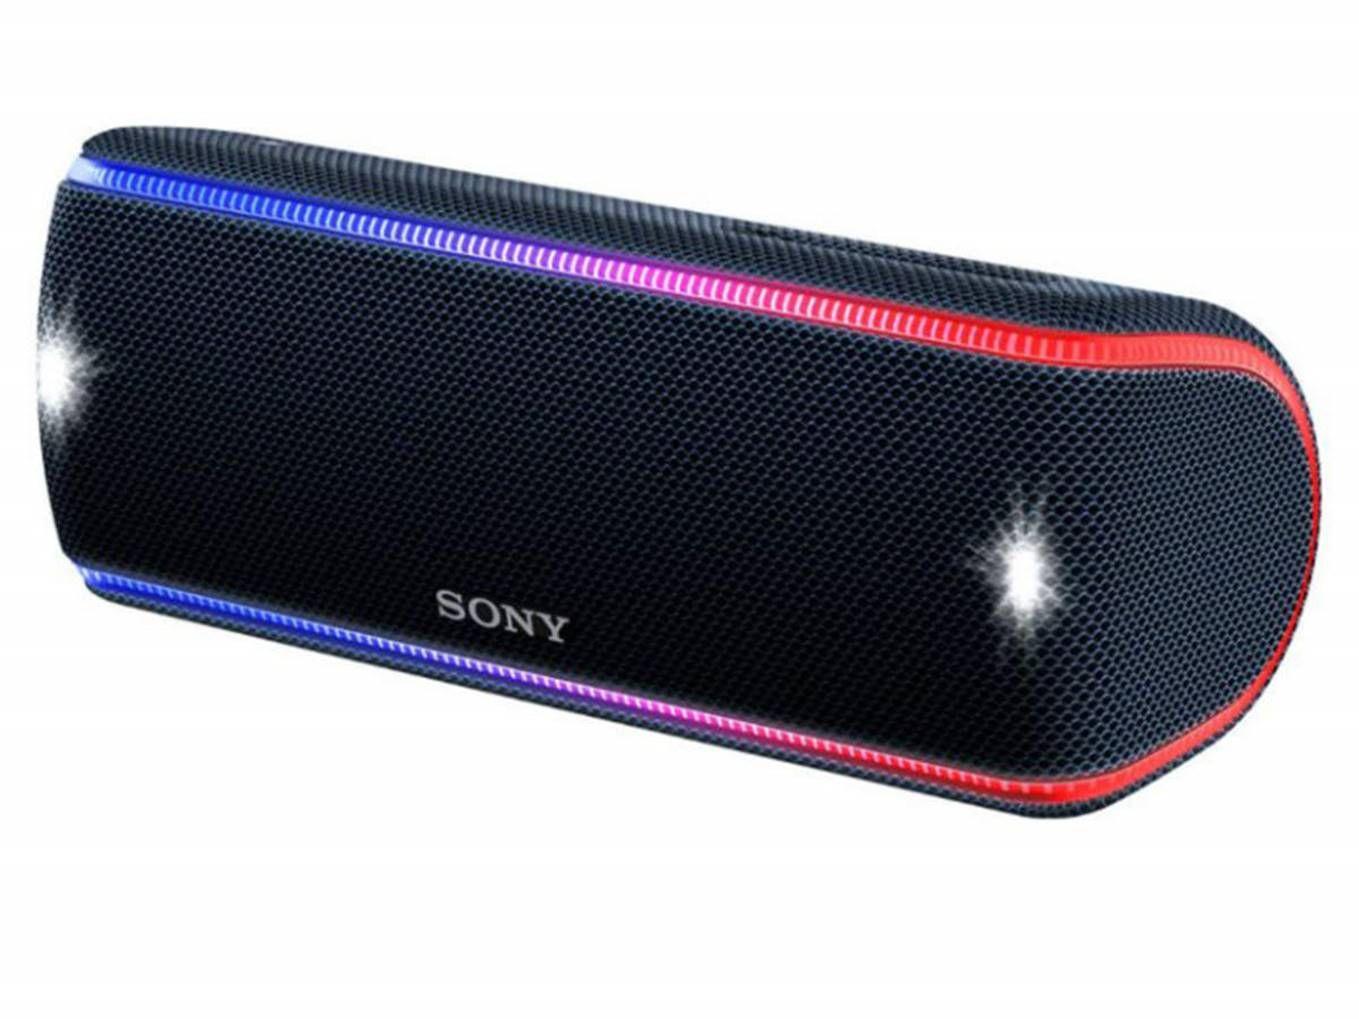 Top 15 Best Outdoor Bluetooth Speakers 2020 Bass Head Speakers In 2020 Best Outdoor Bluetooth Speakers Outdoor Bluetooth Speakers Bluetooth Speakers